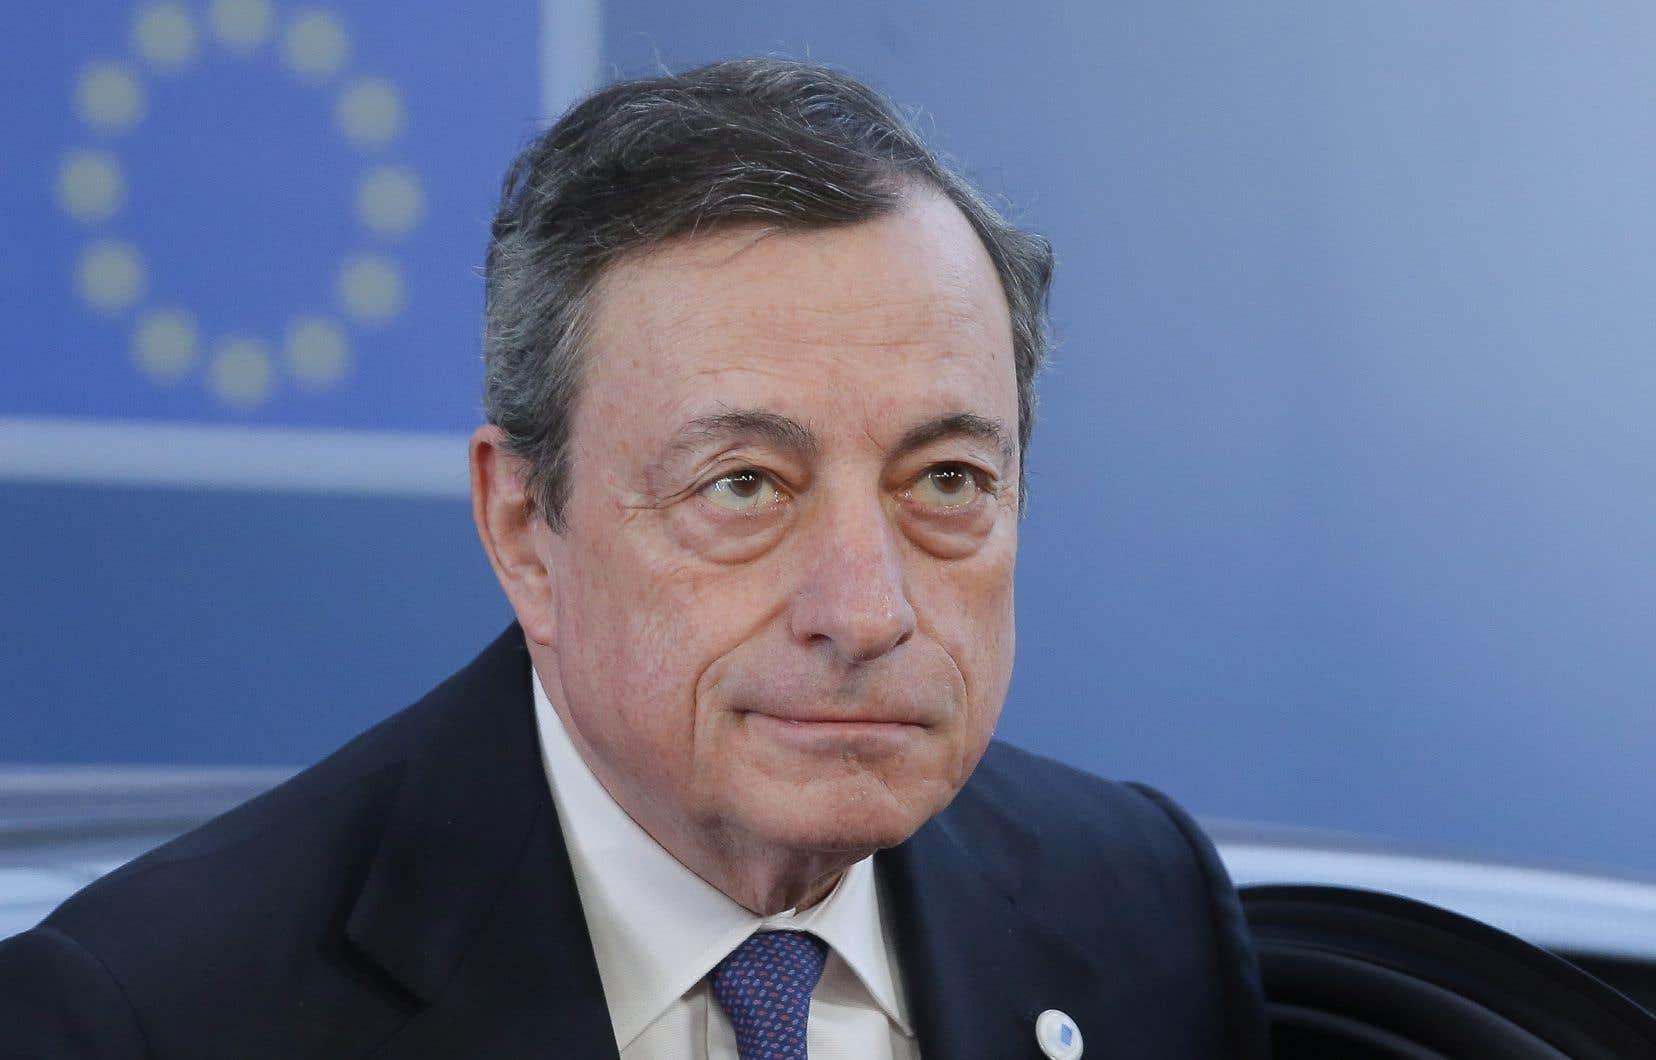 Face à la presse, Mario Draghi a brossé de l'économie de la zone euro un tableau assombri, où le risque de récession demeure «faible», mais en augmentation.